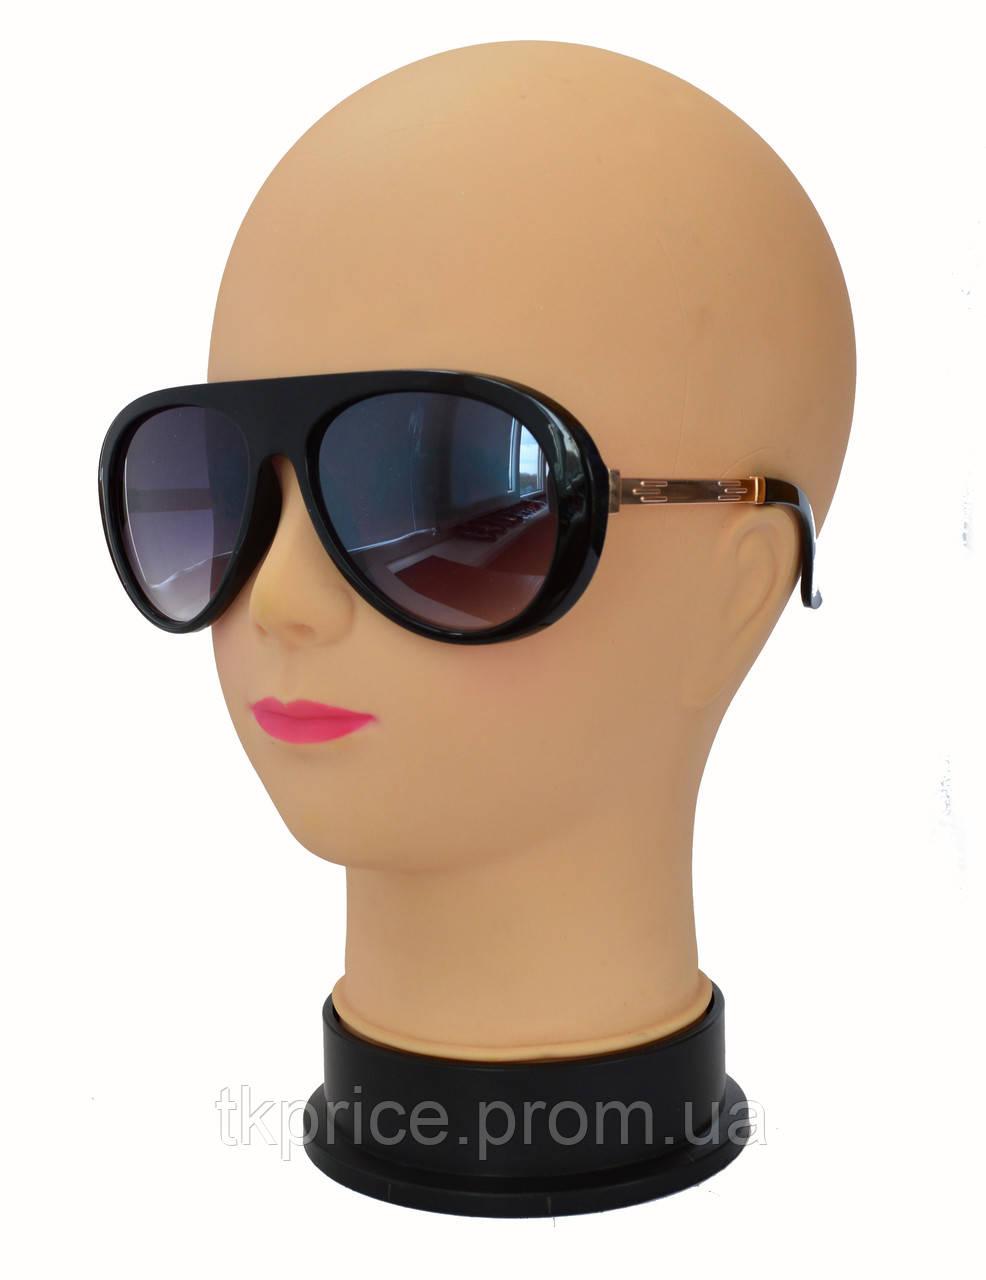 Модные женские солнцезащитные очки 8032 жіночі сонцезахисні окуляри